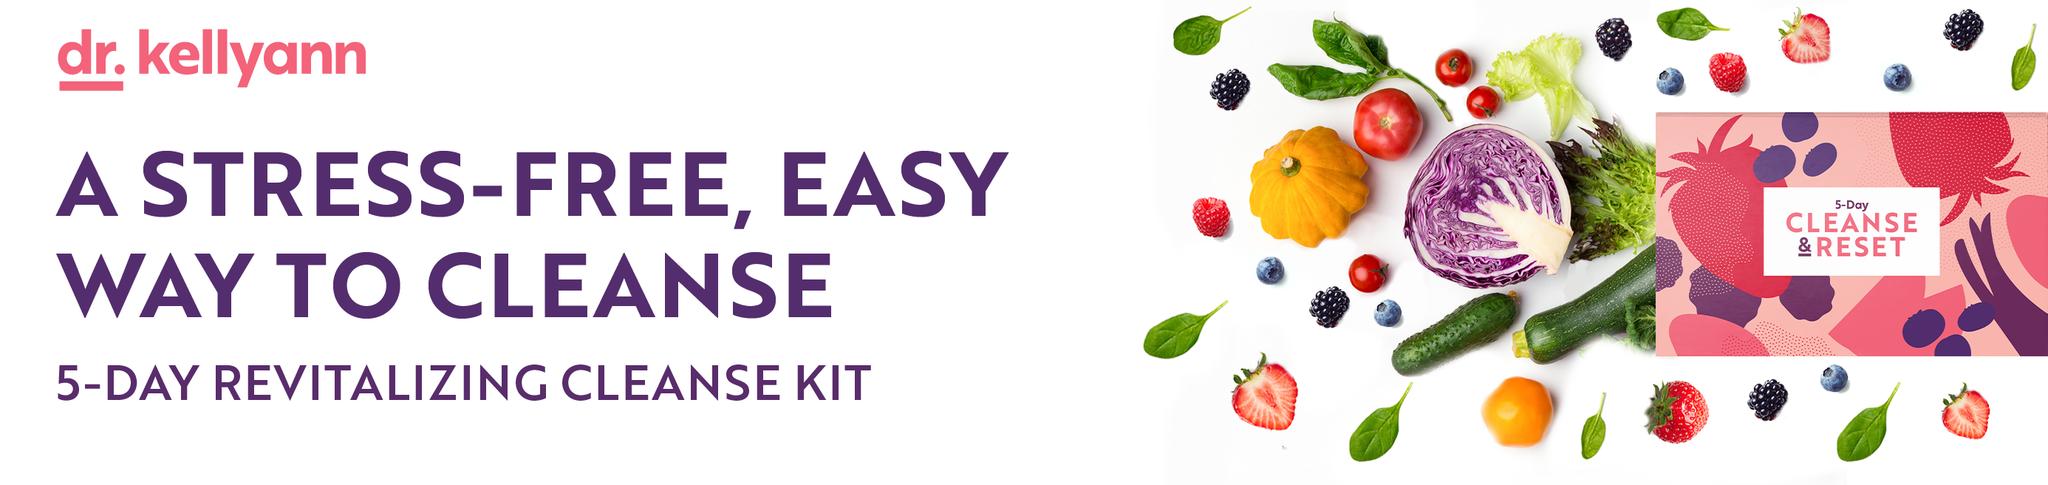 Boîte de nettoyage et de réinitialisation du Dr Kellyann avec des fruits et des légumes